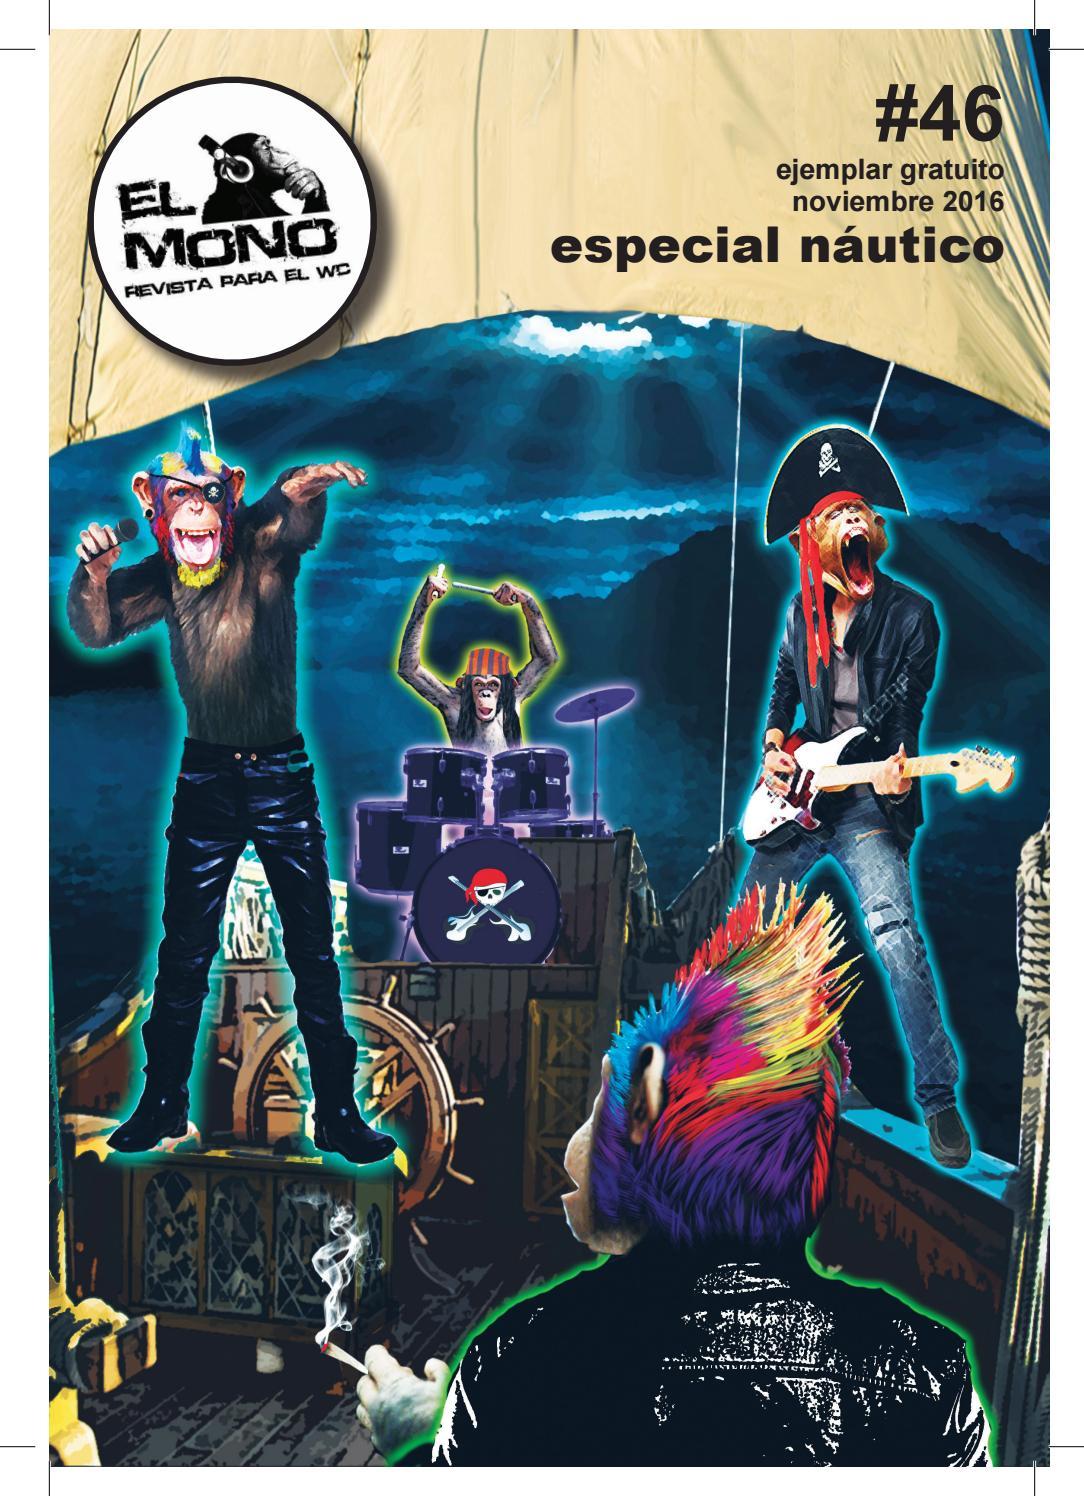 EL MONO #46 ESPECIAL NÁUTICO by revistaelmono - issuu